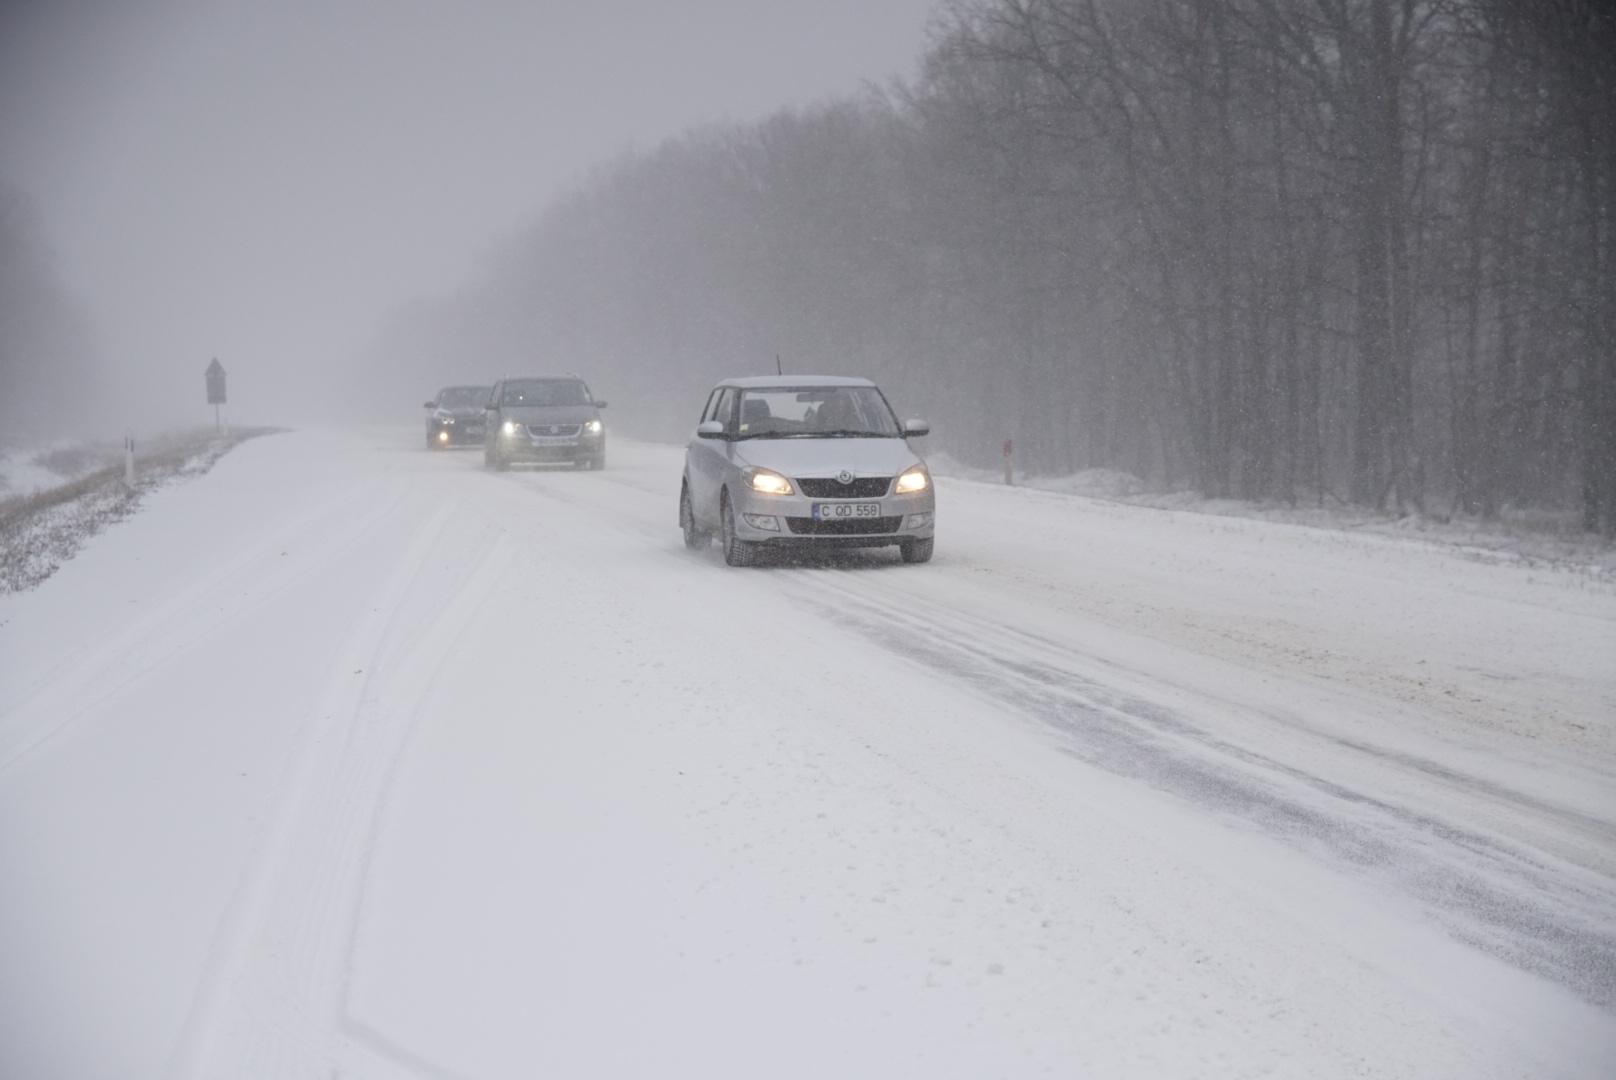 Salvatorii îi îndeamnă pe șoferi să fie precauți în următoarele zile